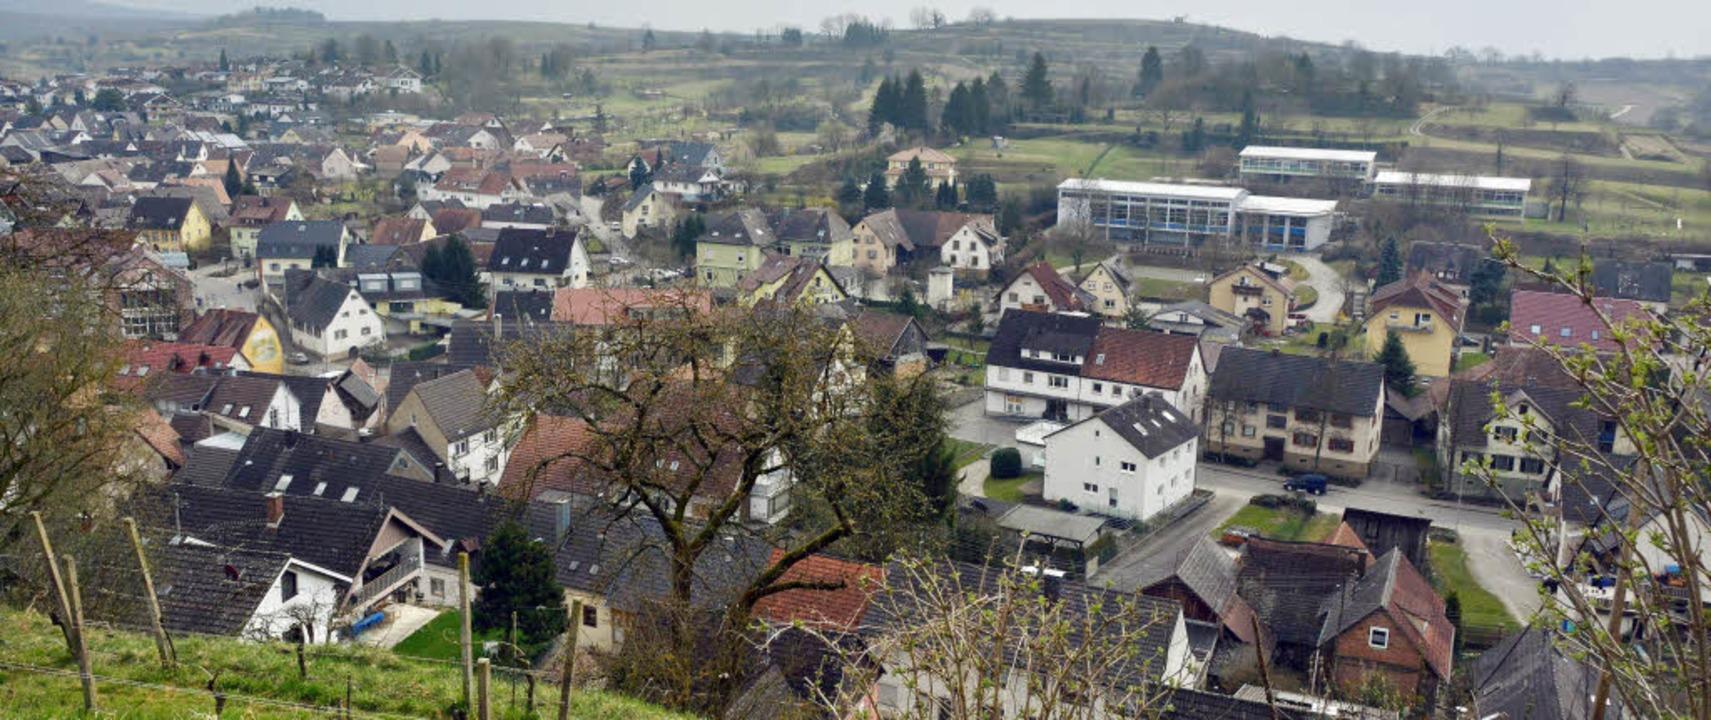 Malterdingen Ortsmitte-West heißt das ...ohl nicht brauchen, alles zu verbauen.    Foto: Dieter Erggelet